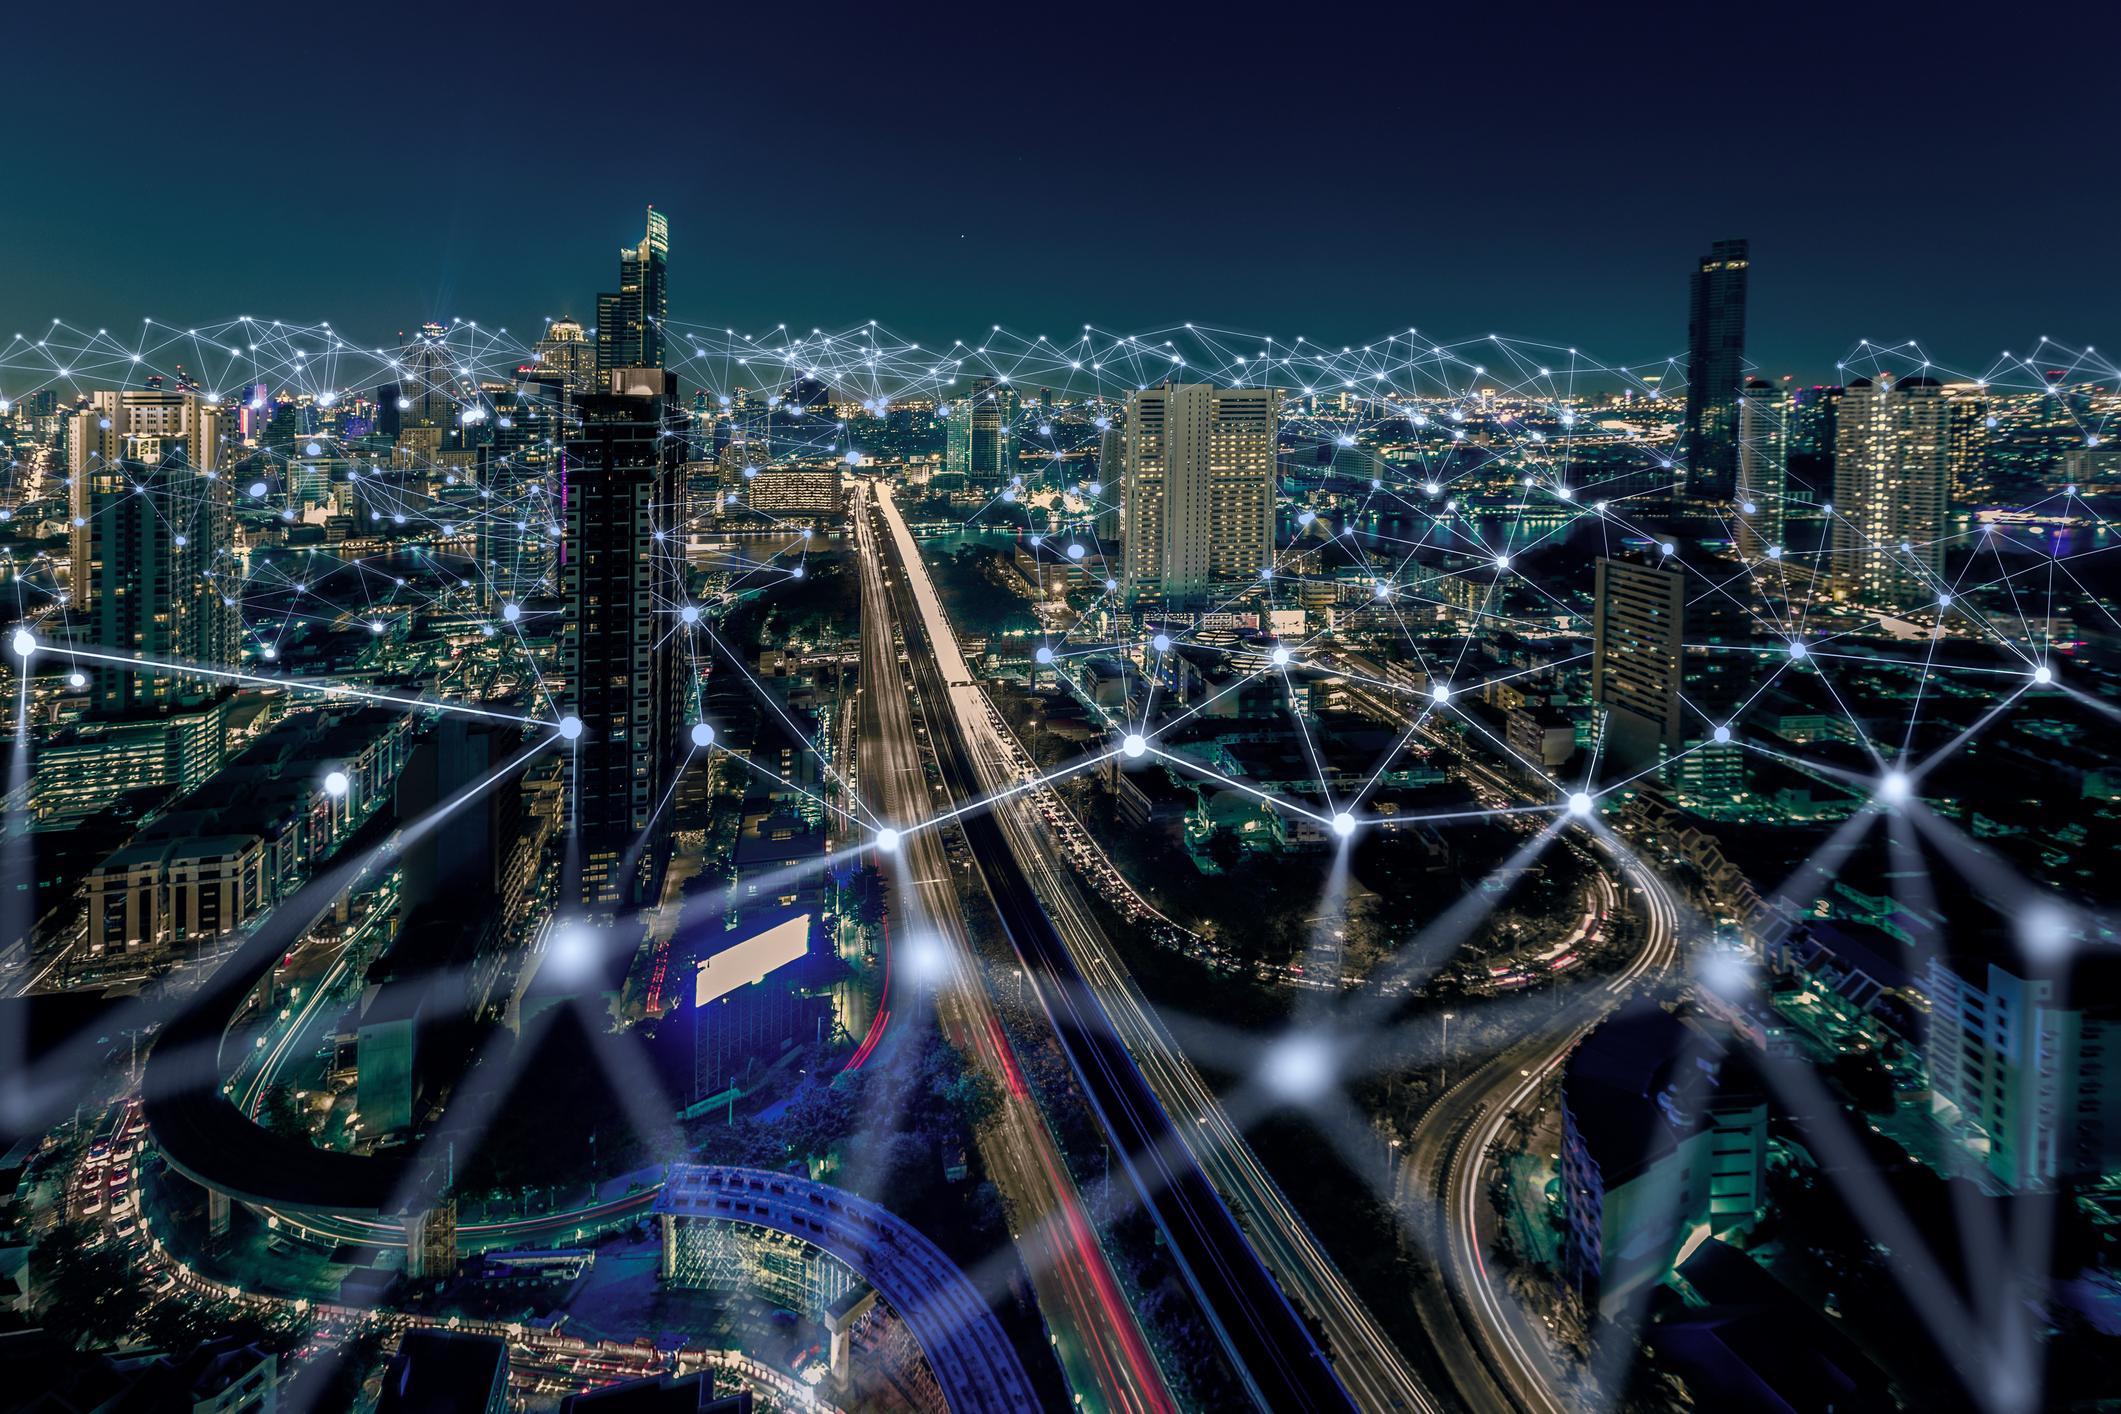 Orașele digitale ale viitorului